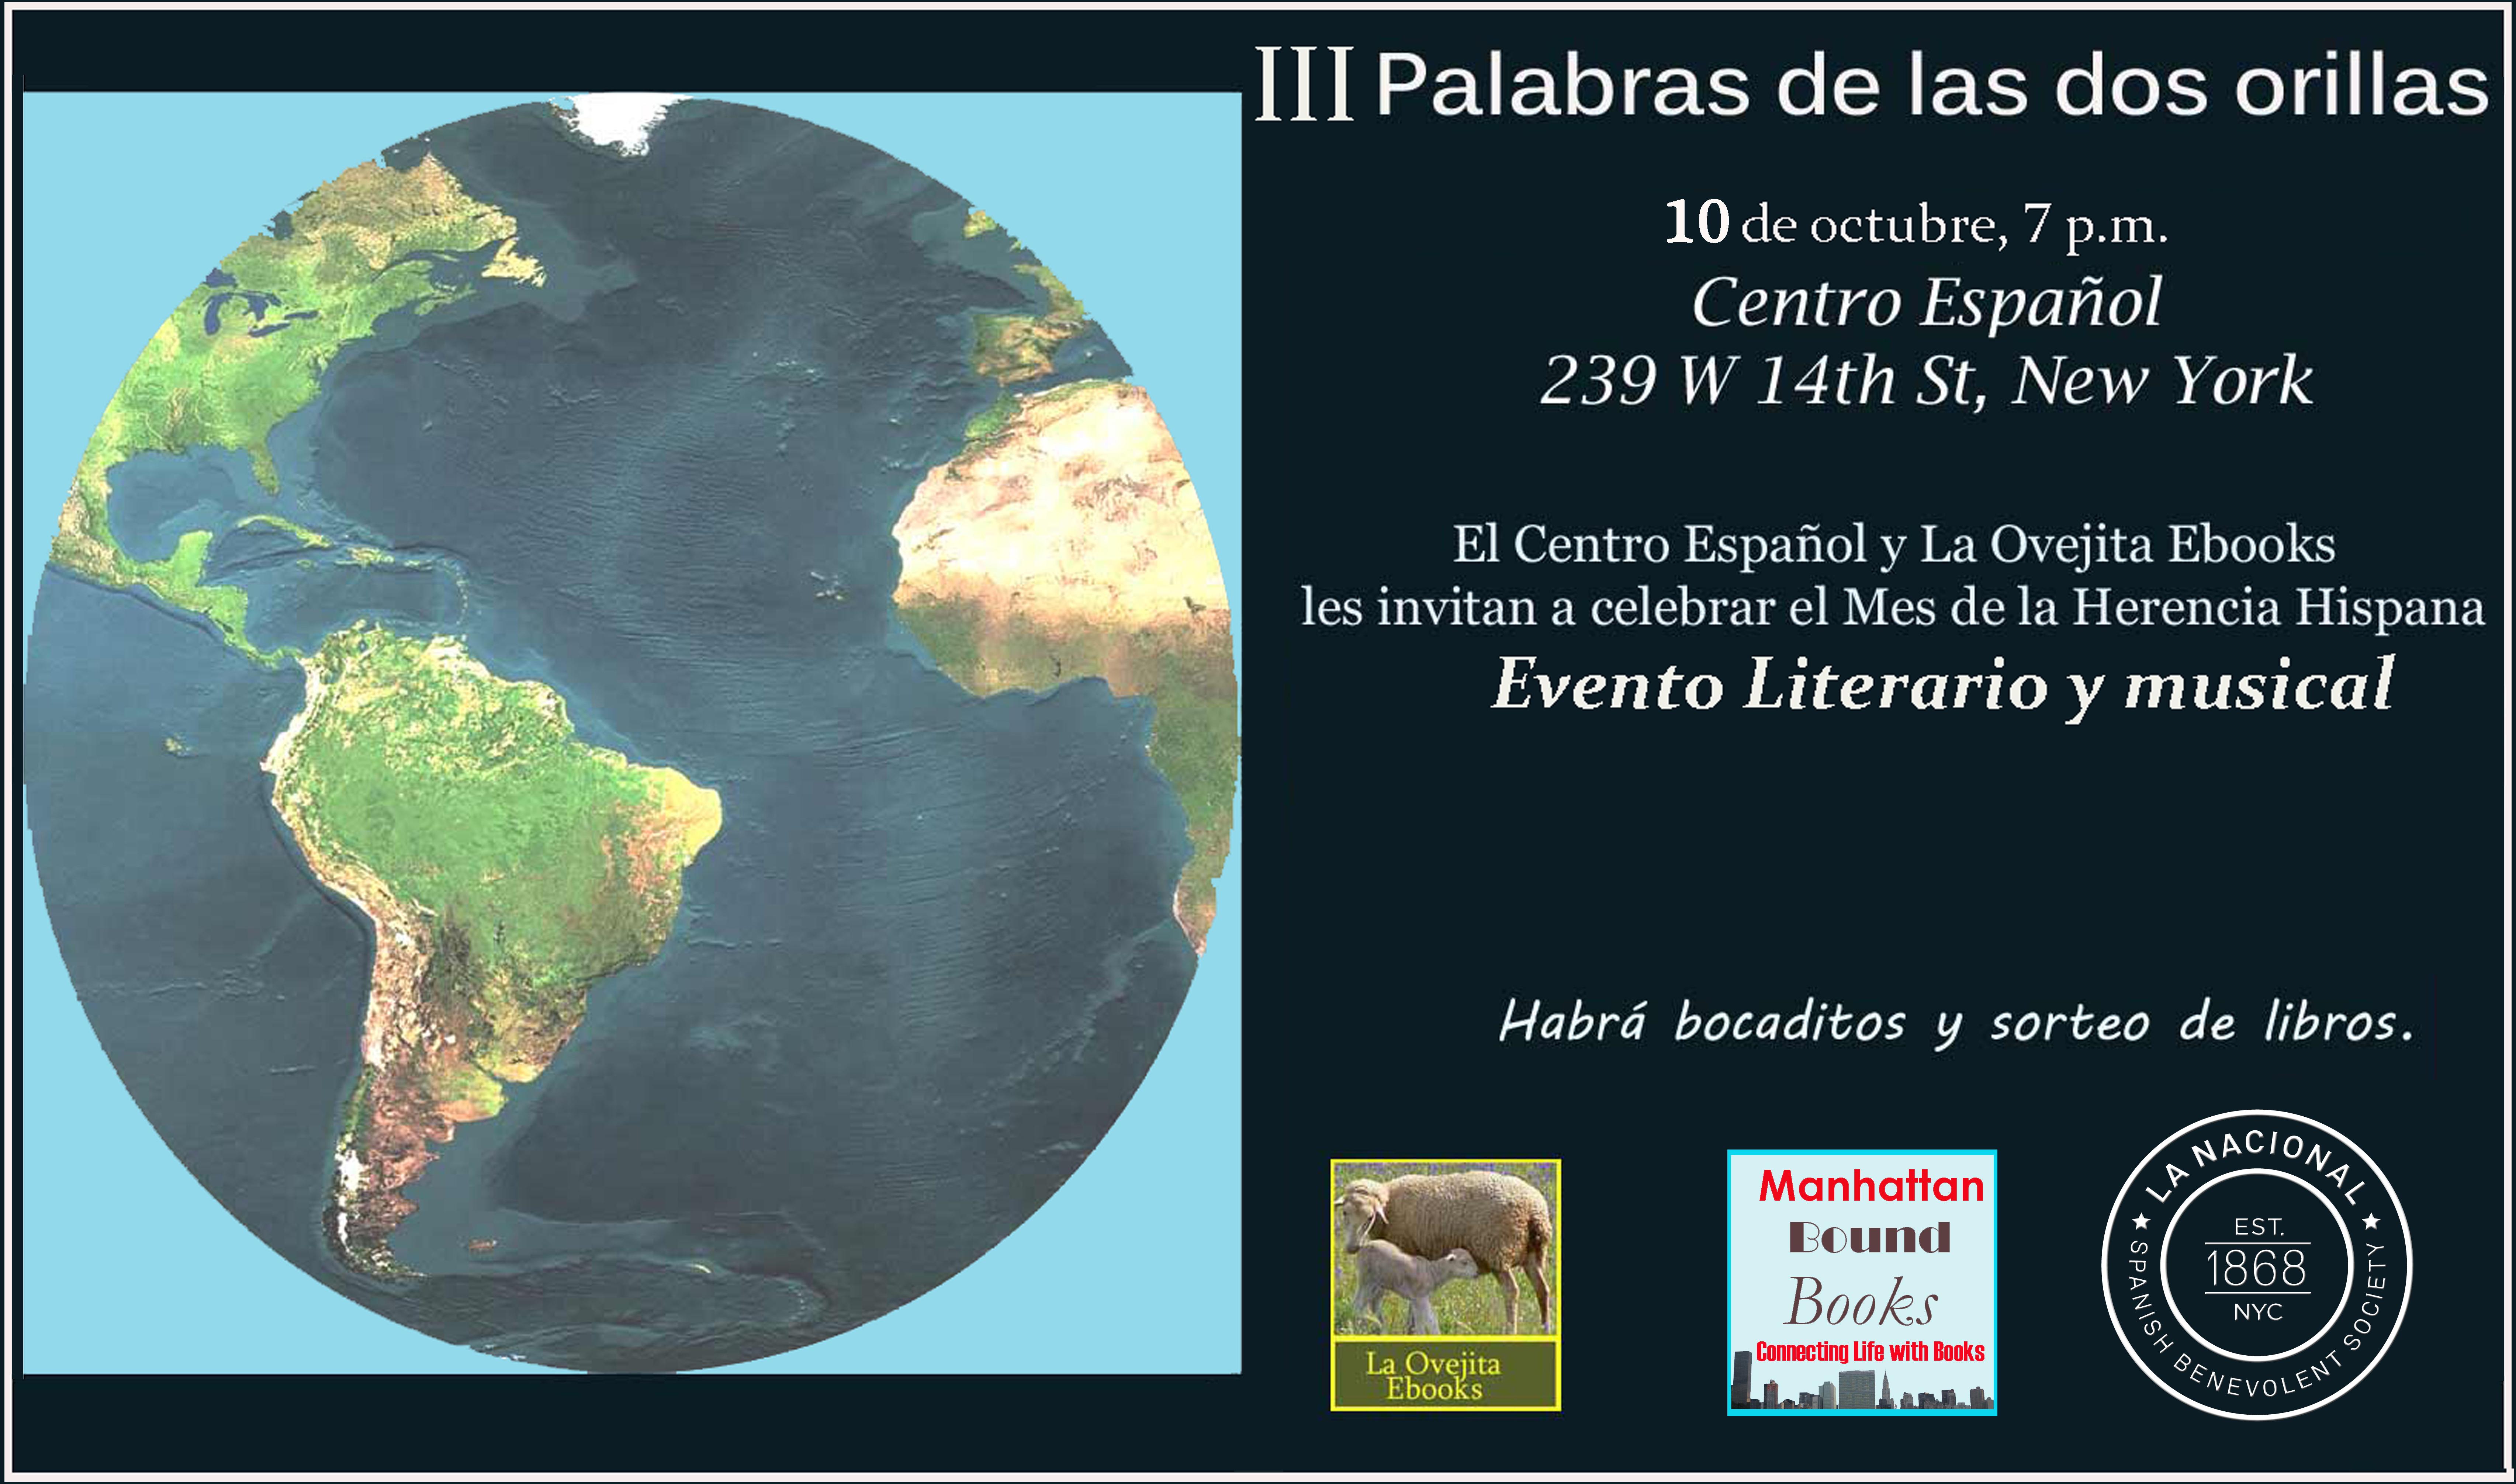 IIIPalabrasdelasdosorillas10cotubre2016GR